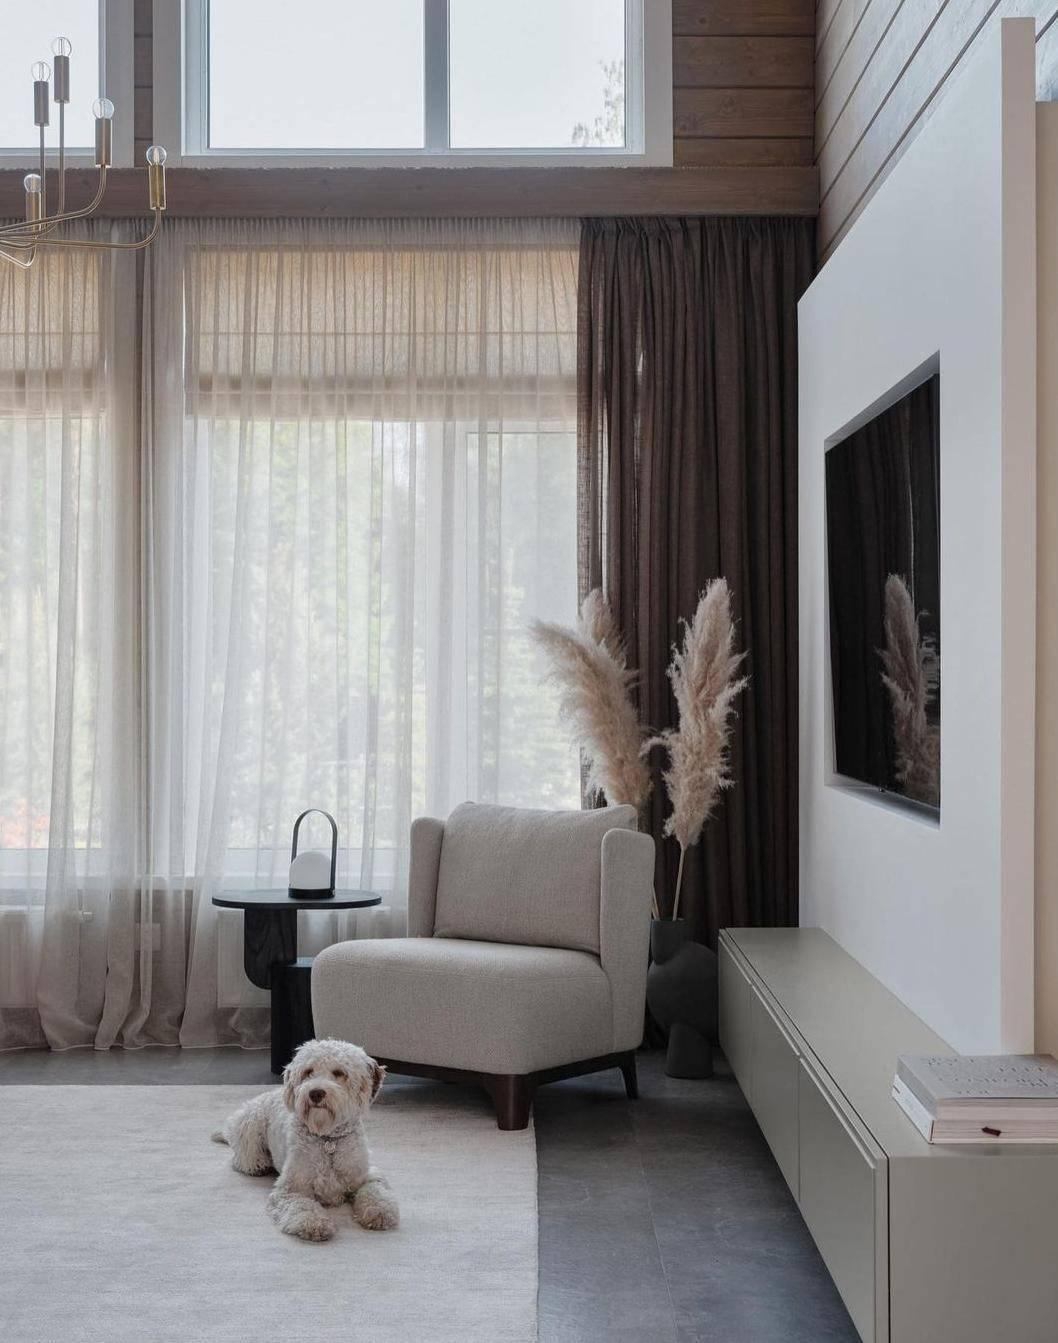 Những lỗi trang trí phổ biến khiến ngôi nhà của bạn trở nên nhỏ hơn - Ảnh 6.